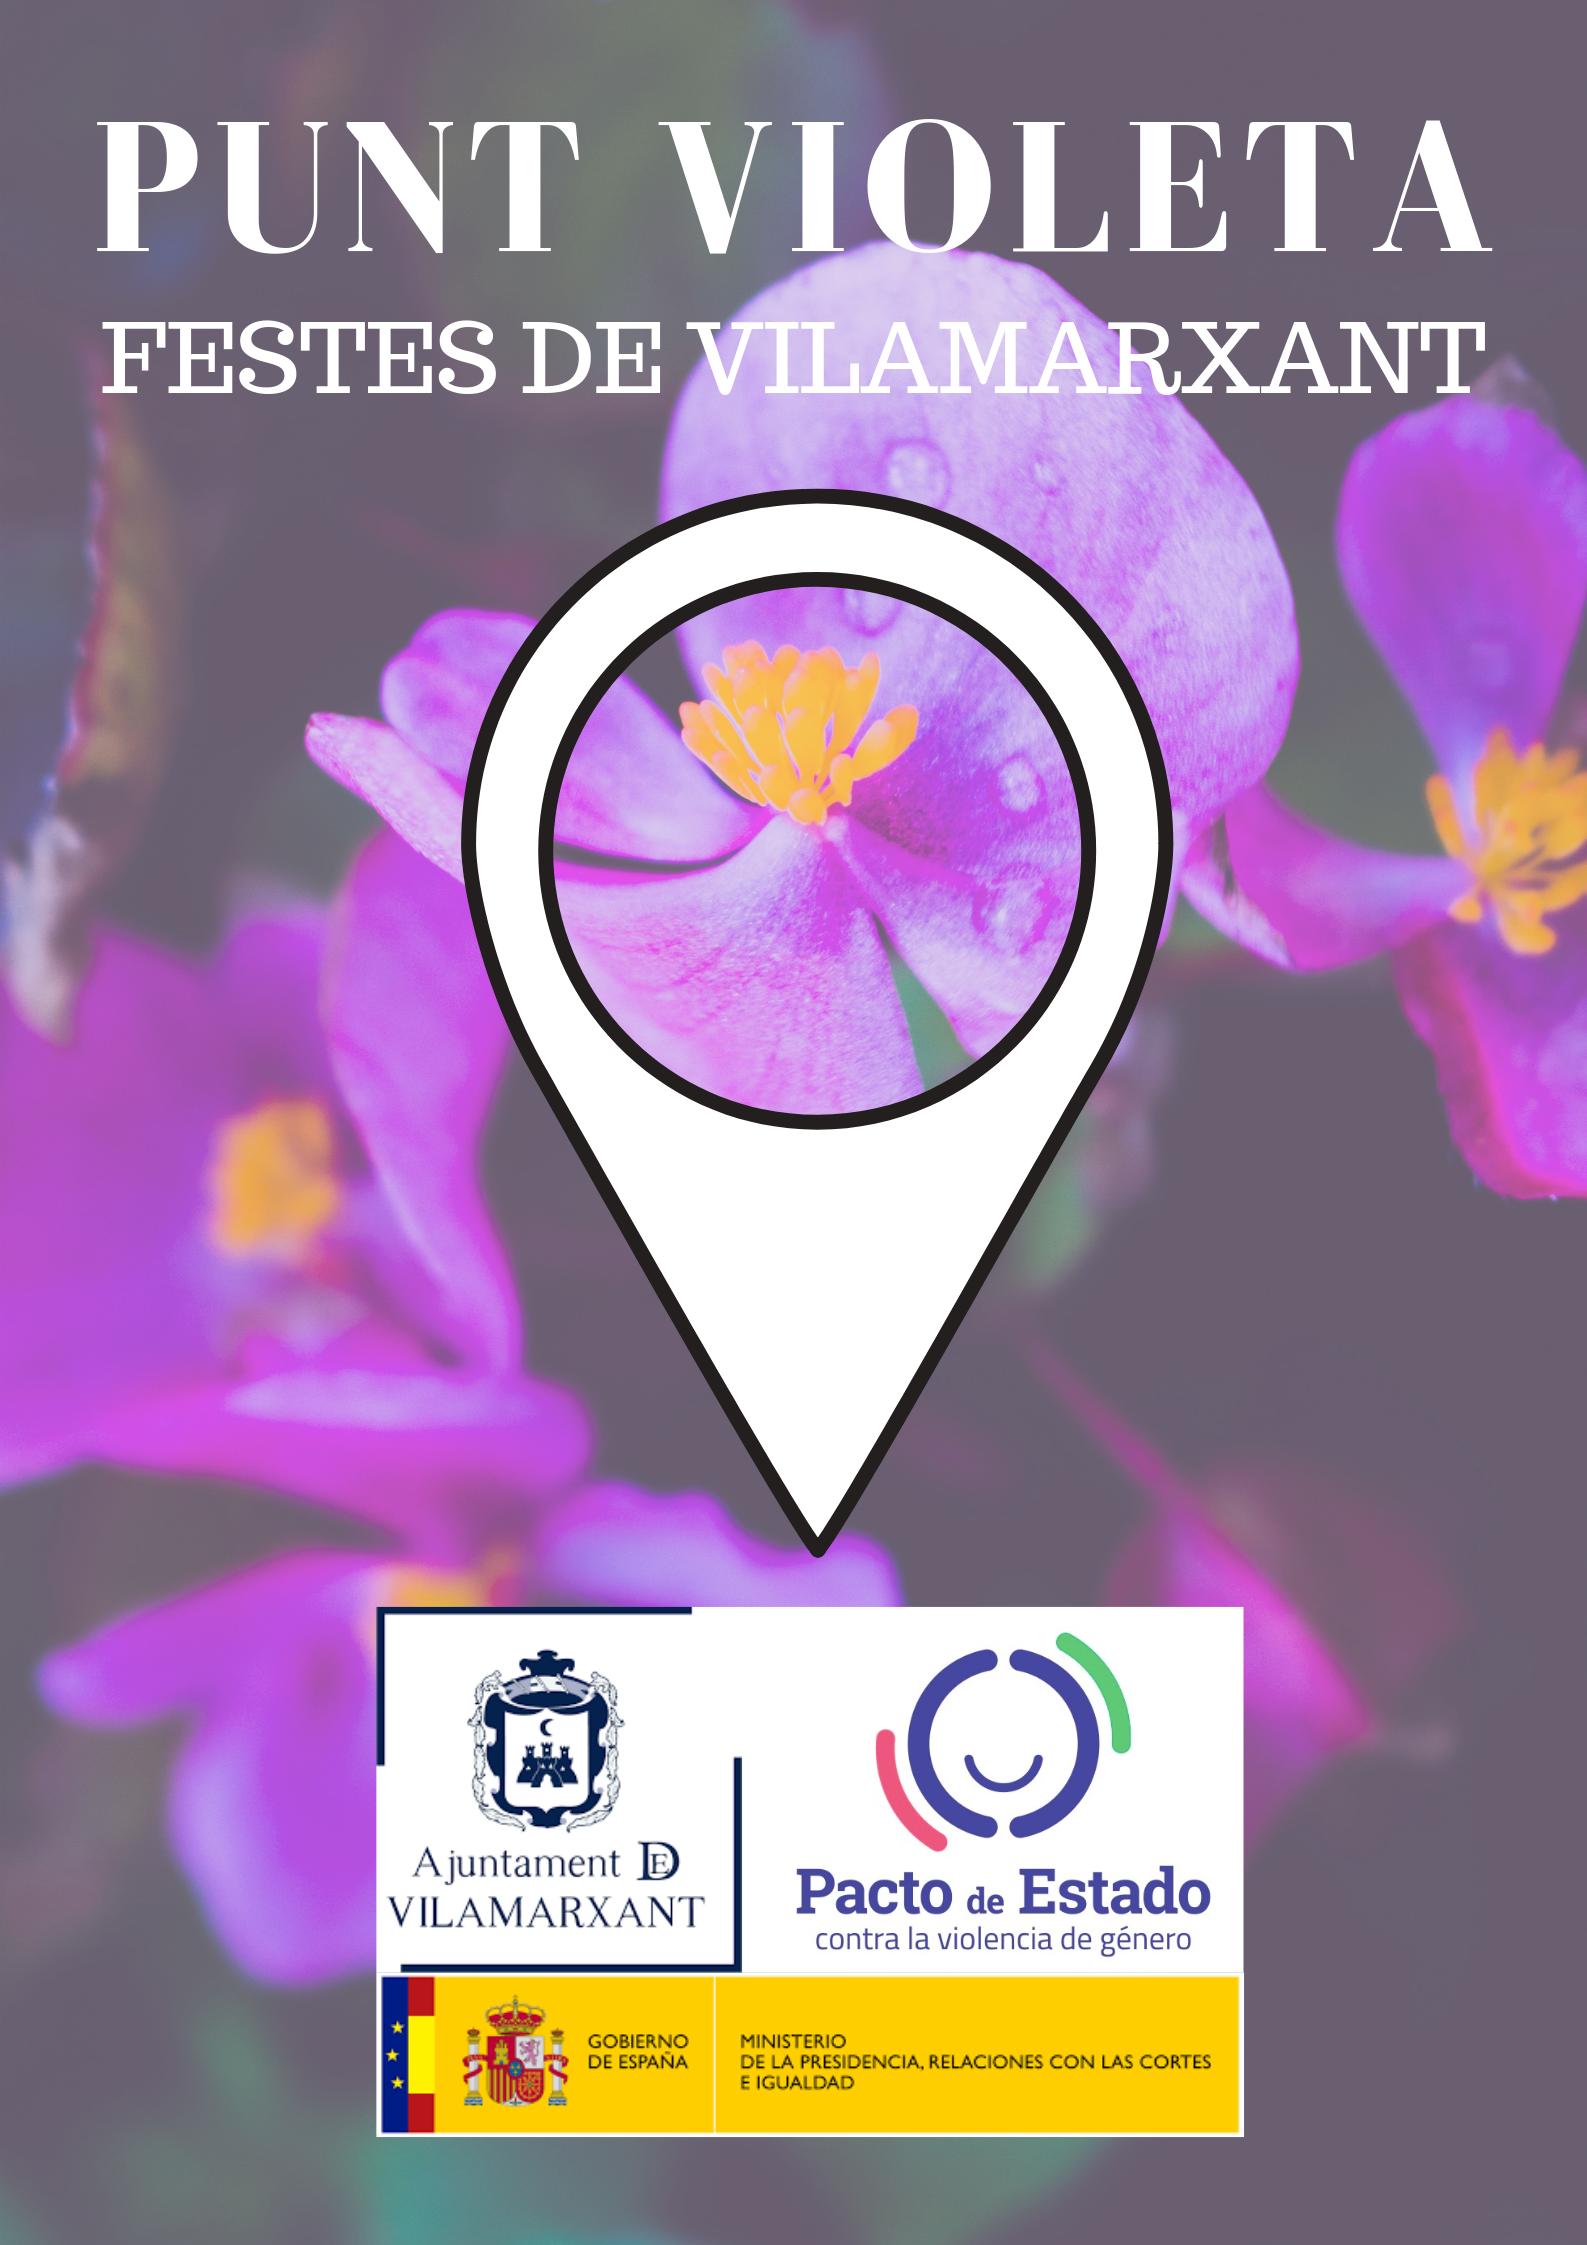 La Concejalía de Igualdad del Ayuntamiento de Vilamarxant ha creado un Punto Violeta durante las fiestas patronales para luchar contra la violencia de género en la localidad del Camp de Túria.